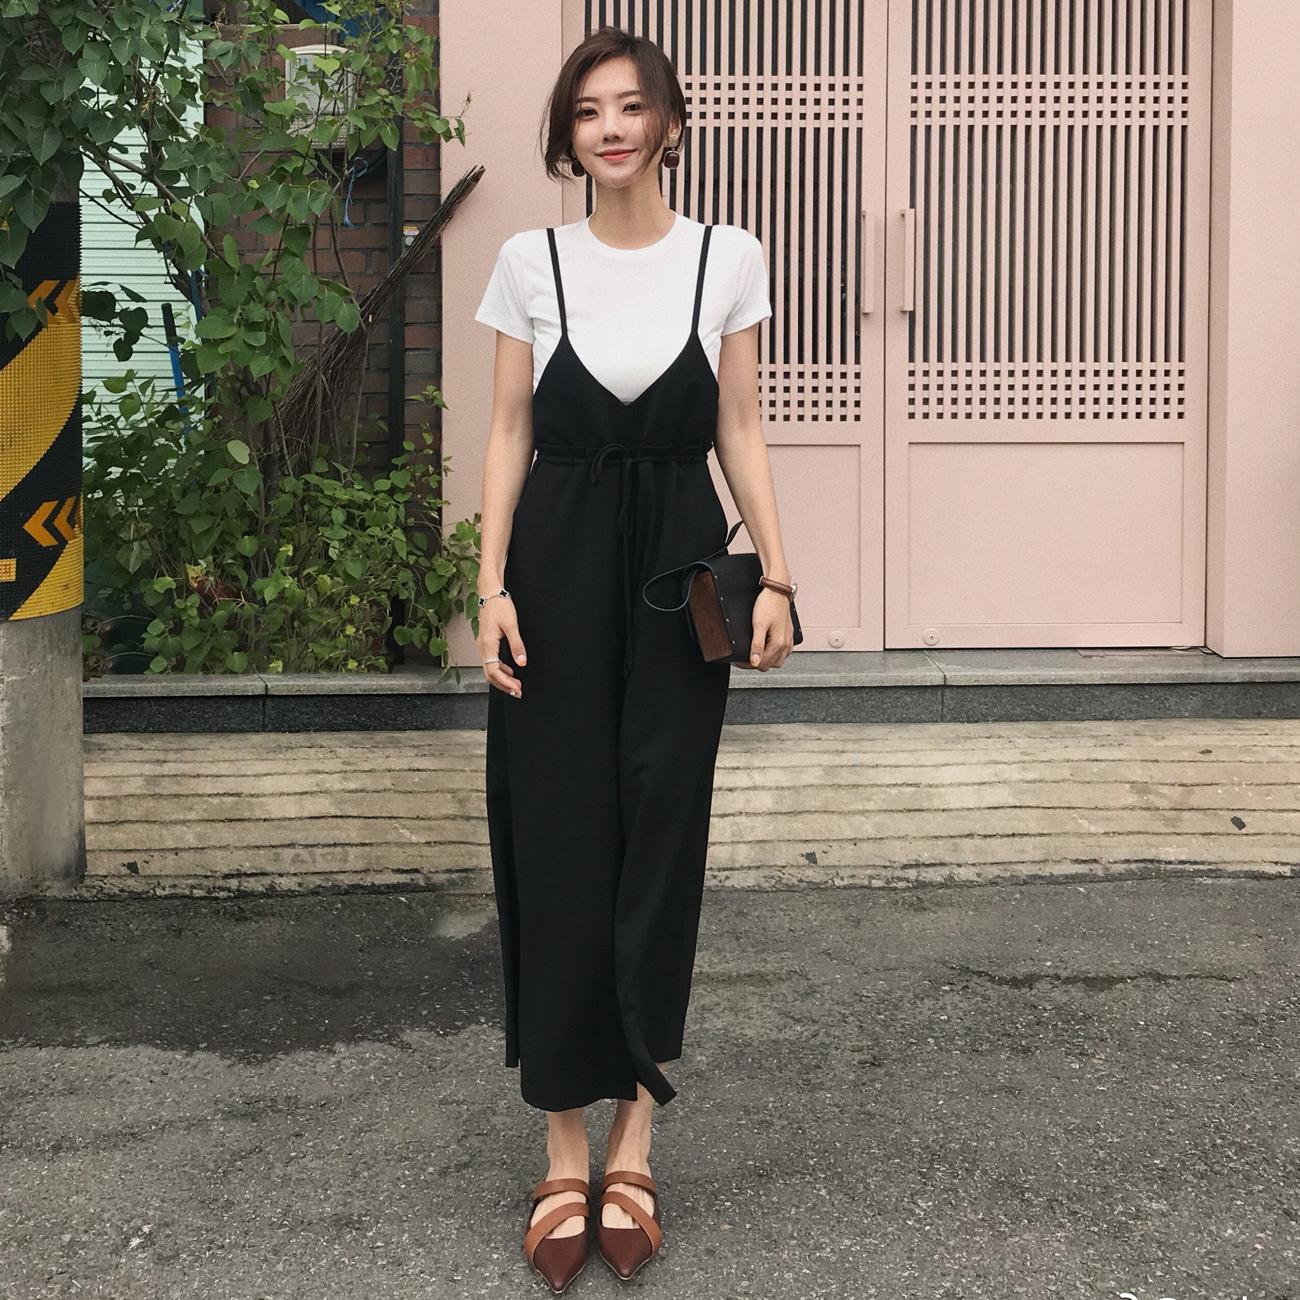 ◆ASM◆2018夏季新品 气质复古阔腿裤背带长裤高腰九分裤女装